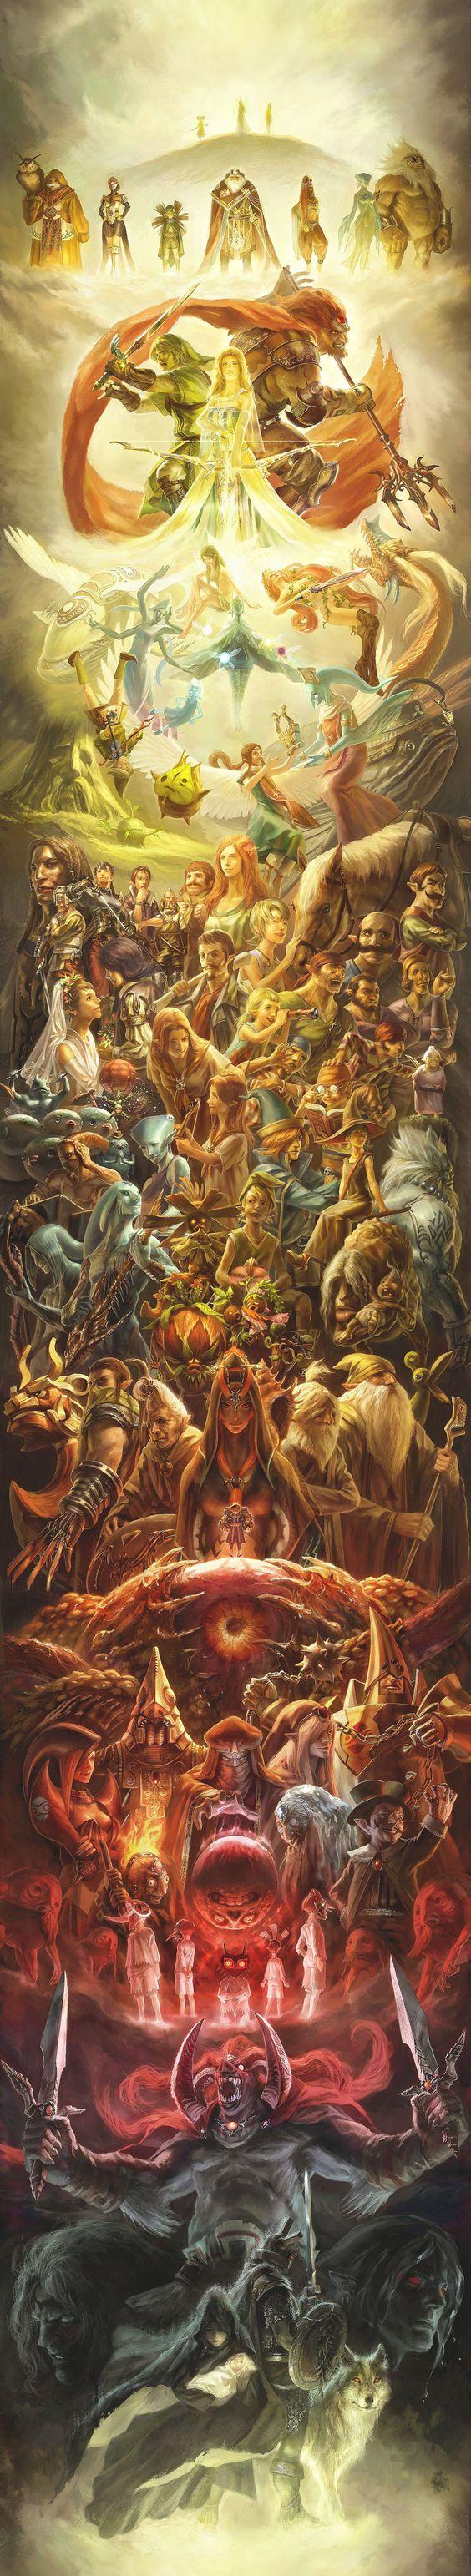 Zelda 25th Anniversary Artwork Masterpiece #nintendo #zelda #fanart